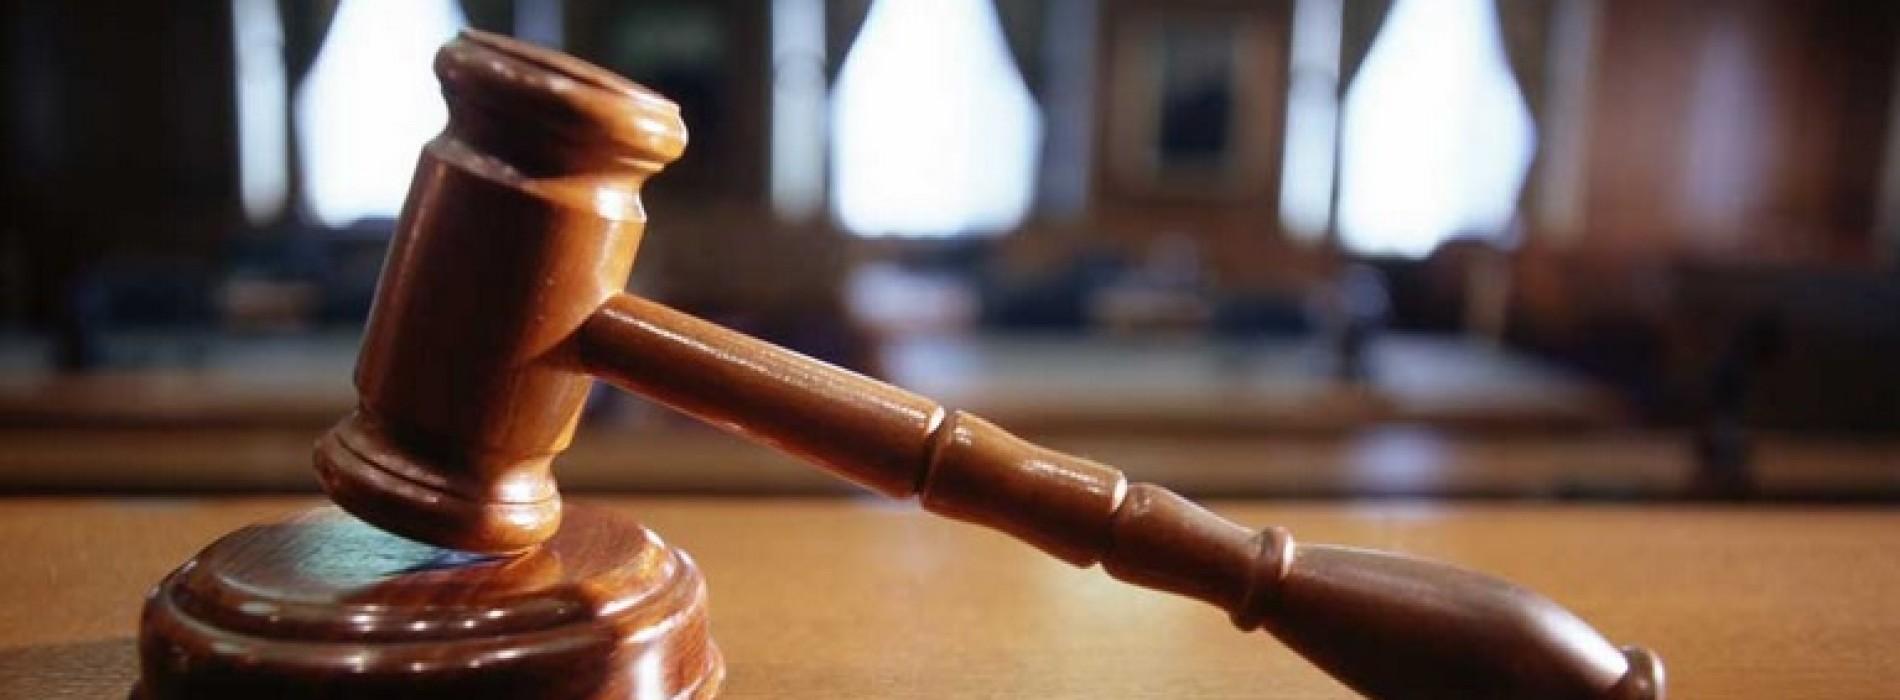 Kiedy konieczne jest pouczenie sądowe?